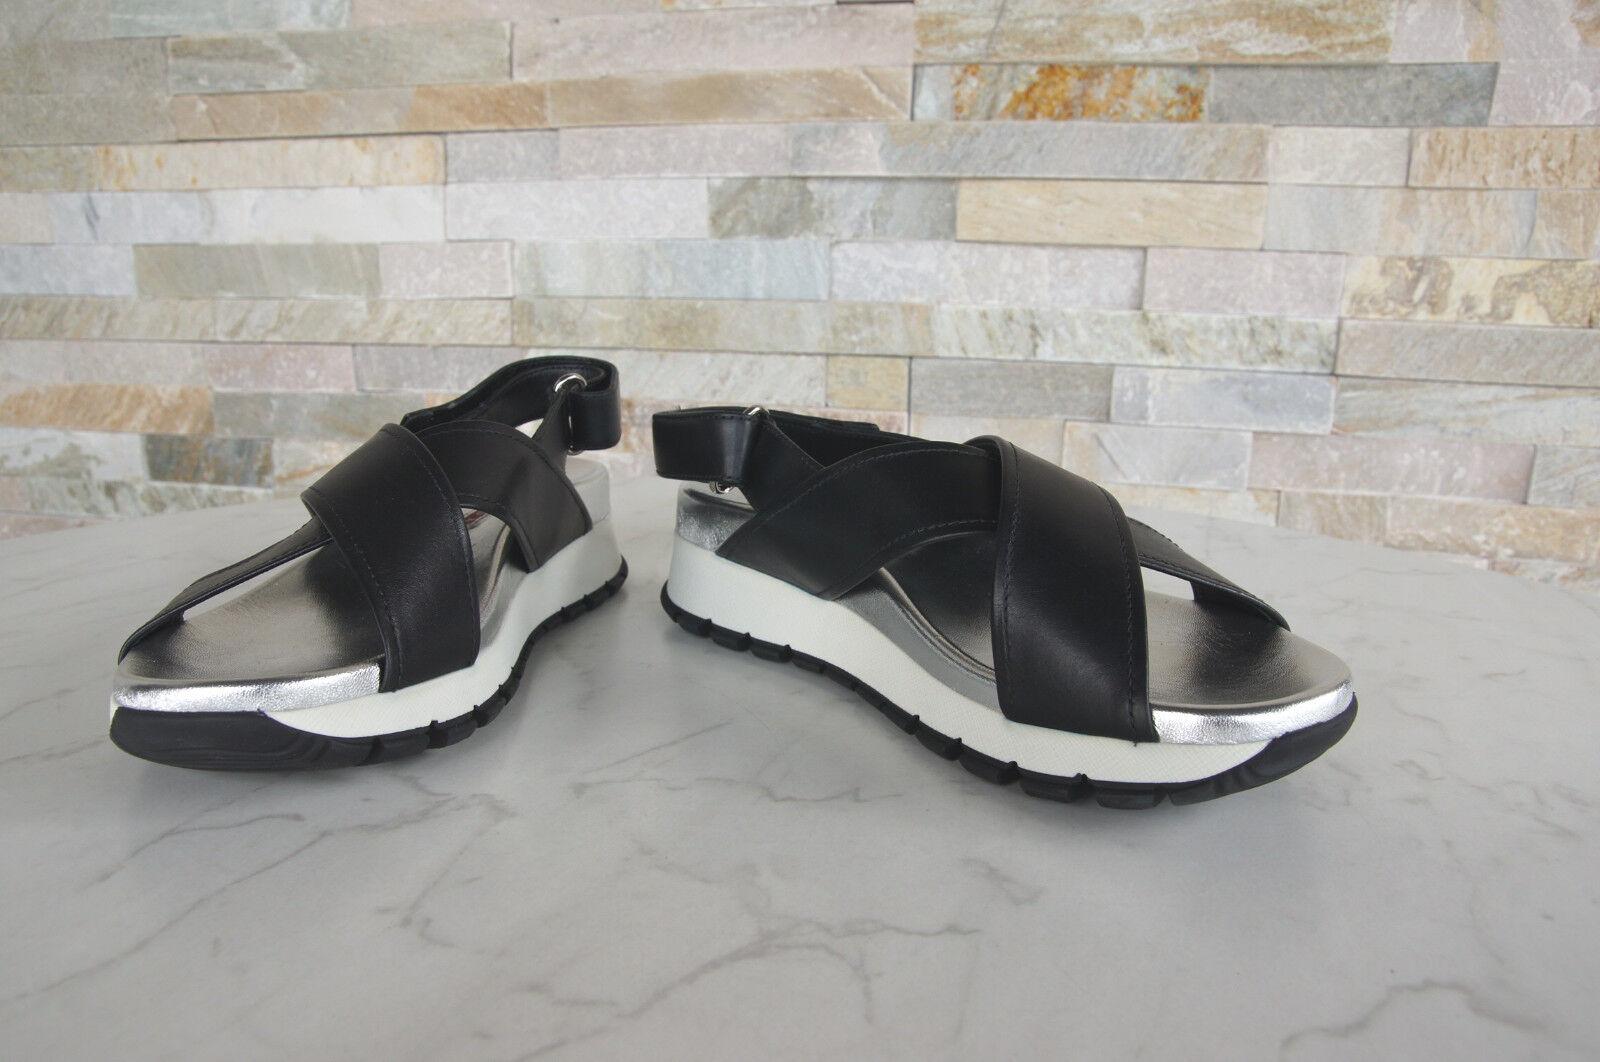 PRADA T T T 36,5 Sandales 3x6022 Chaussures Velcro NOIR ARGENT NEUF EX Prix Recommandé d25359